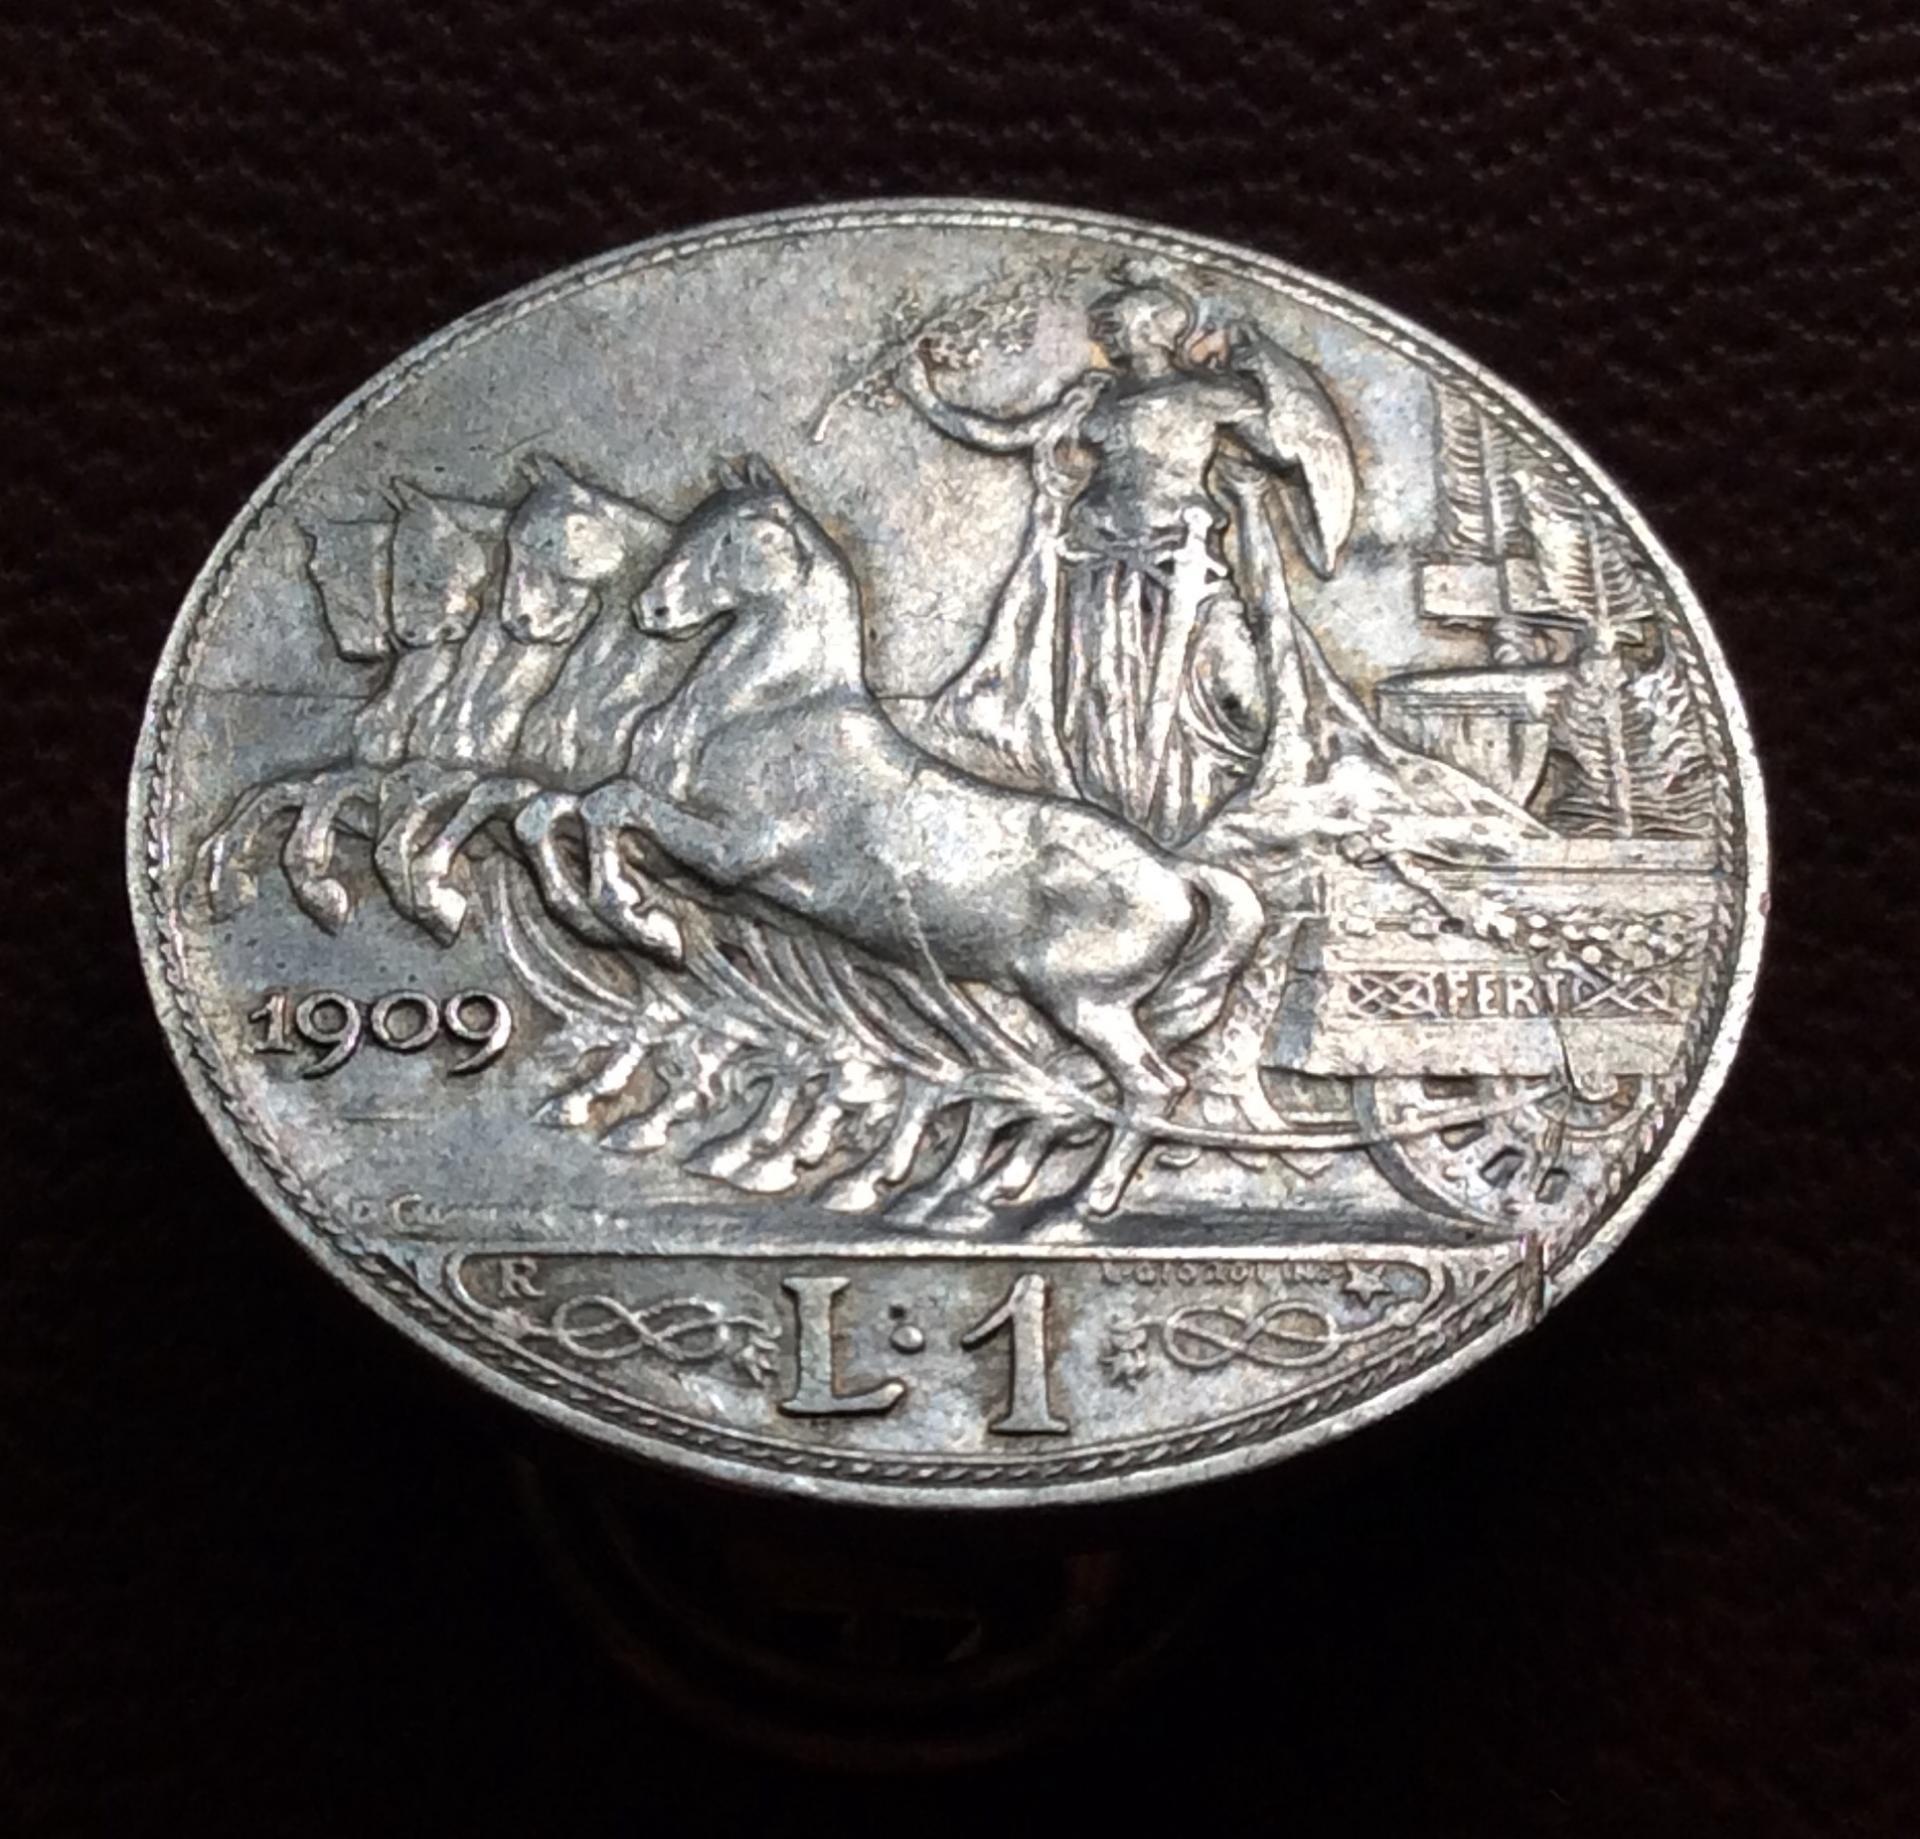 1 LIRA DE PLATA DE 1909 - VITORIO EMANUELE III - REY DE ITALIA